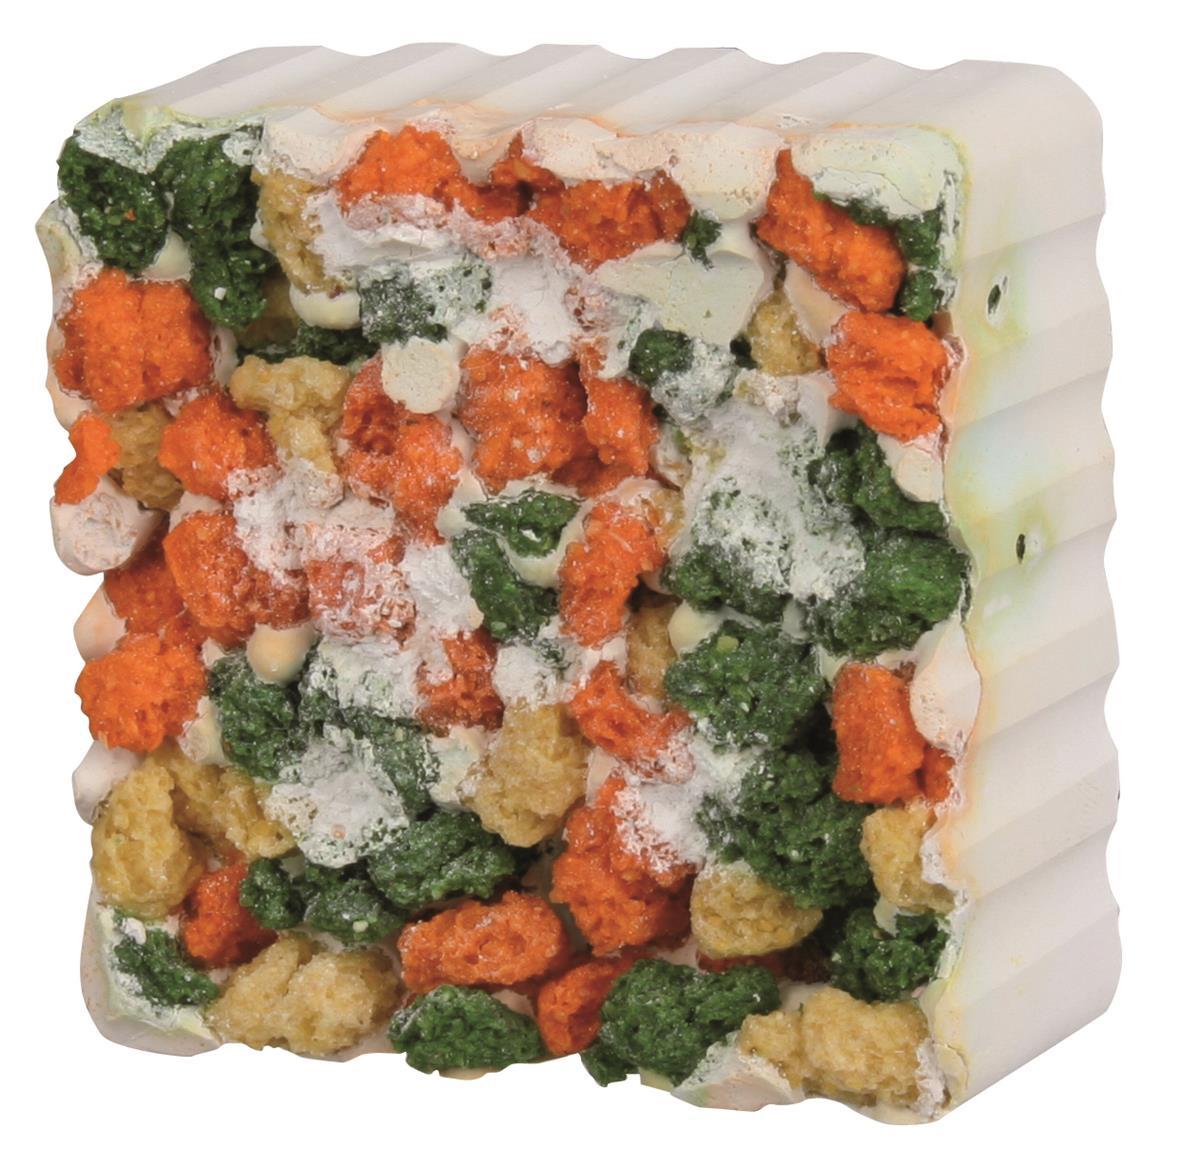 Trixie gnagerstein med grønnsaker